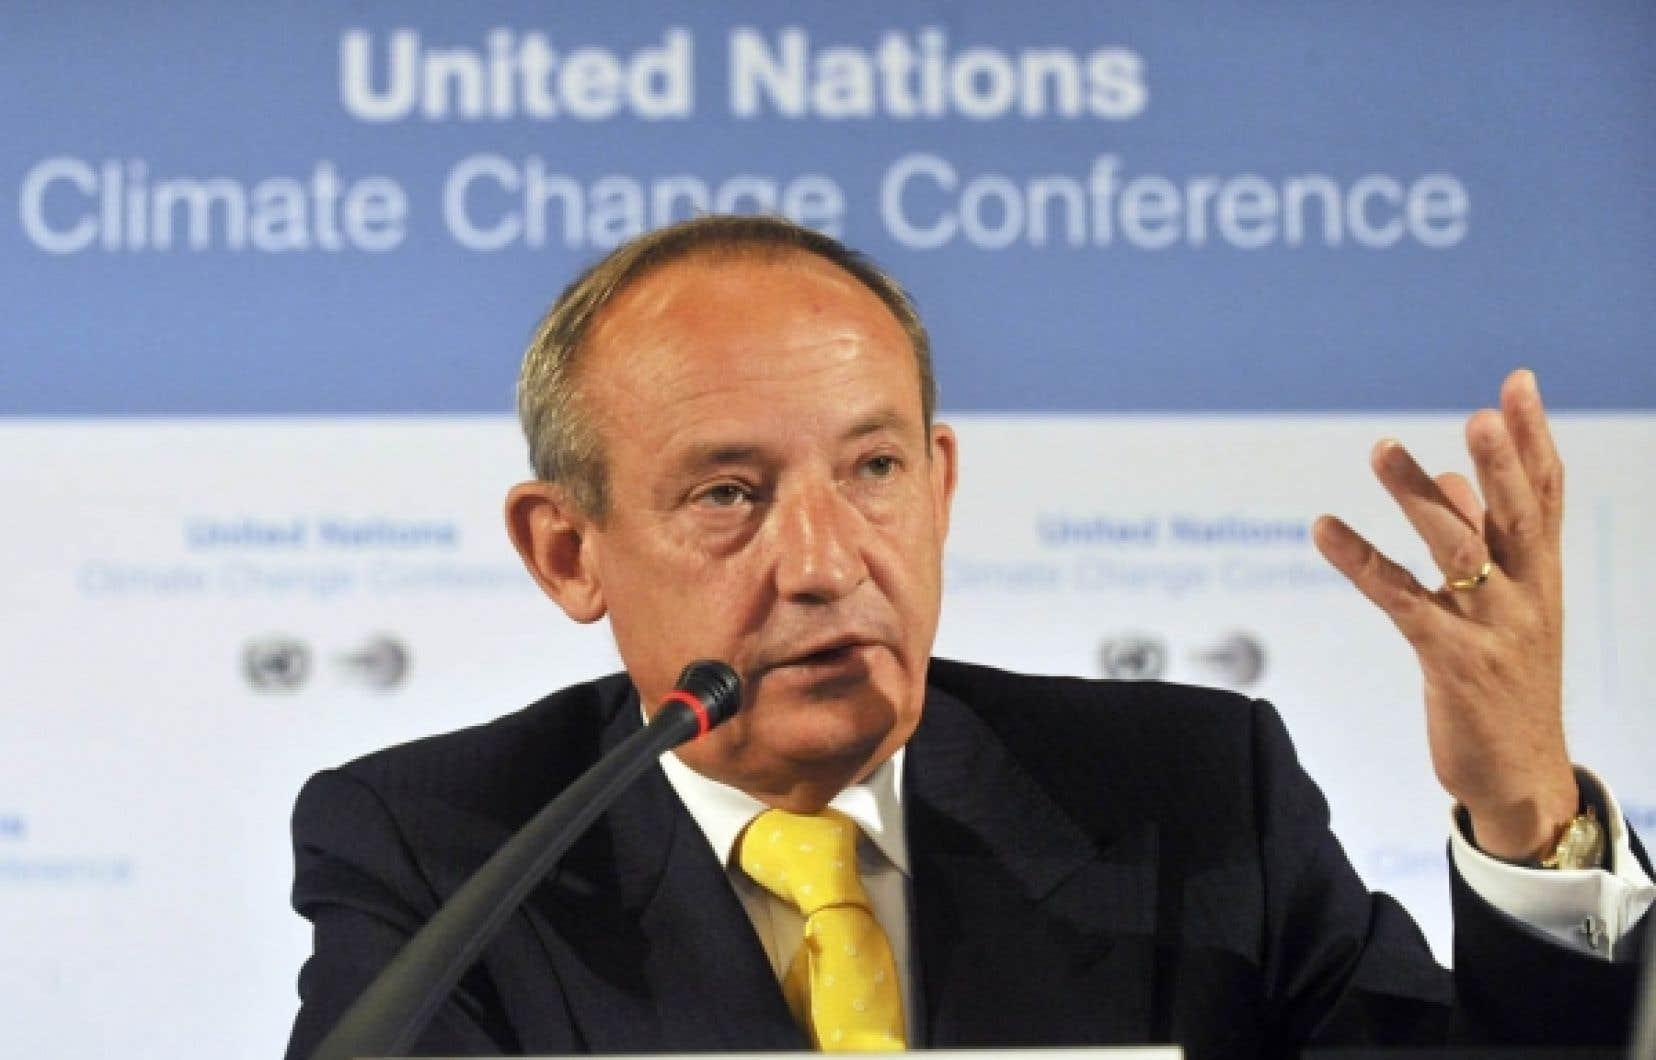 Ivo de Boer quitte le pilotage des négociations climatiques après plus de 10 ans au gouvernail.